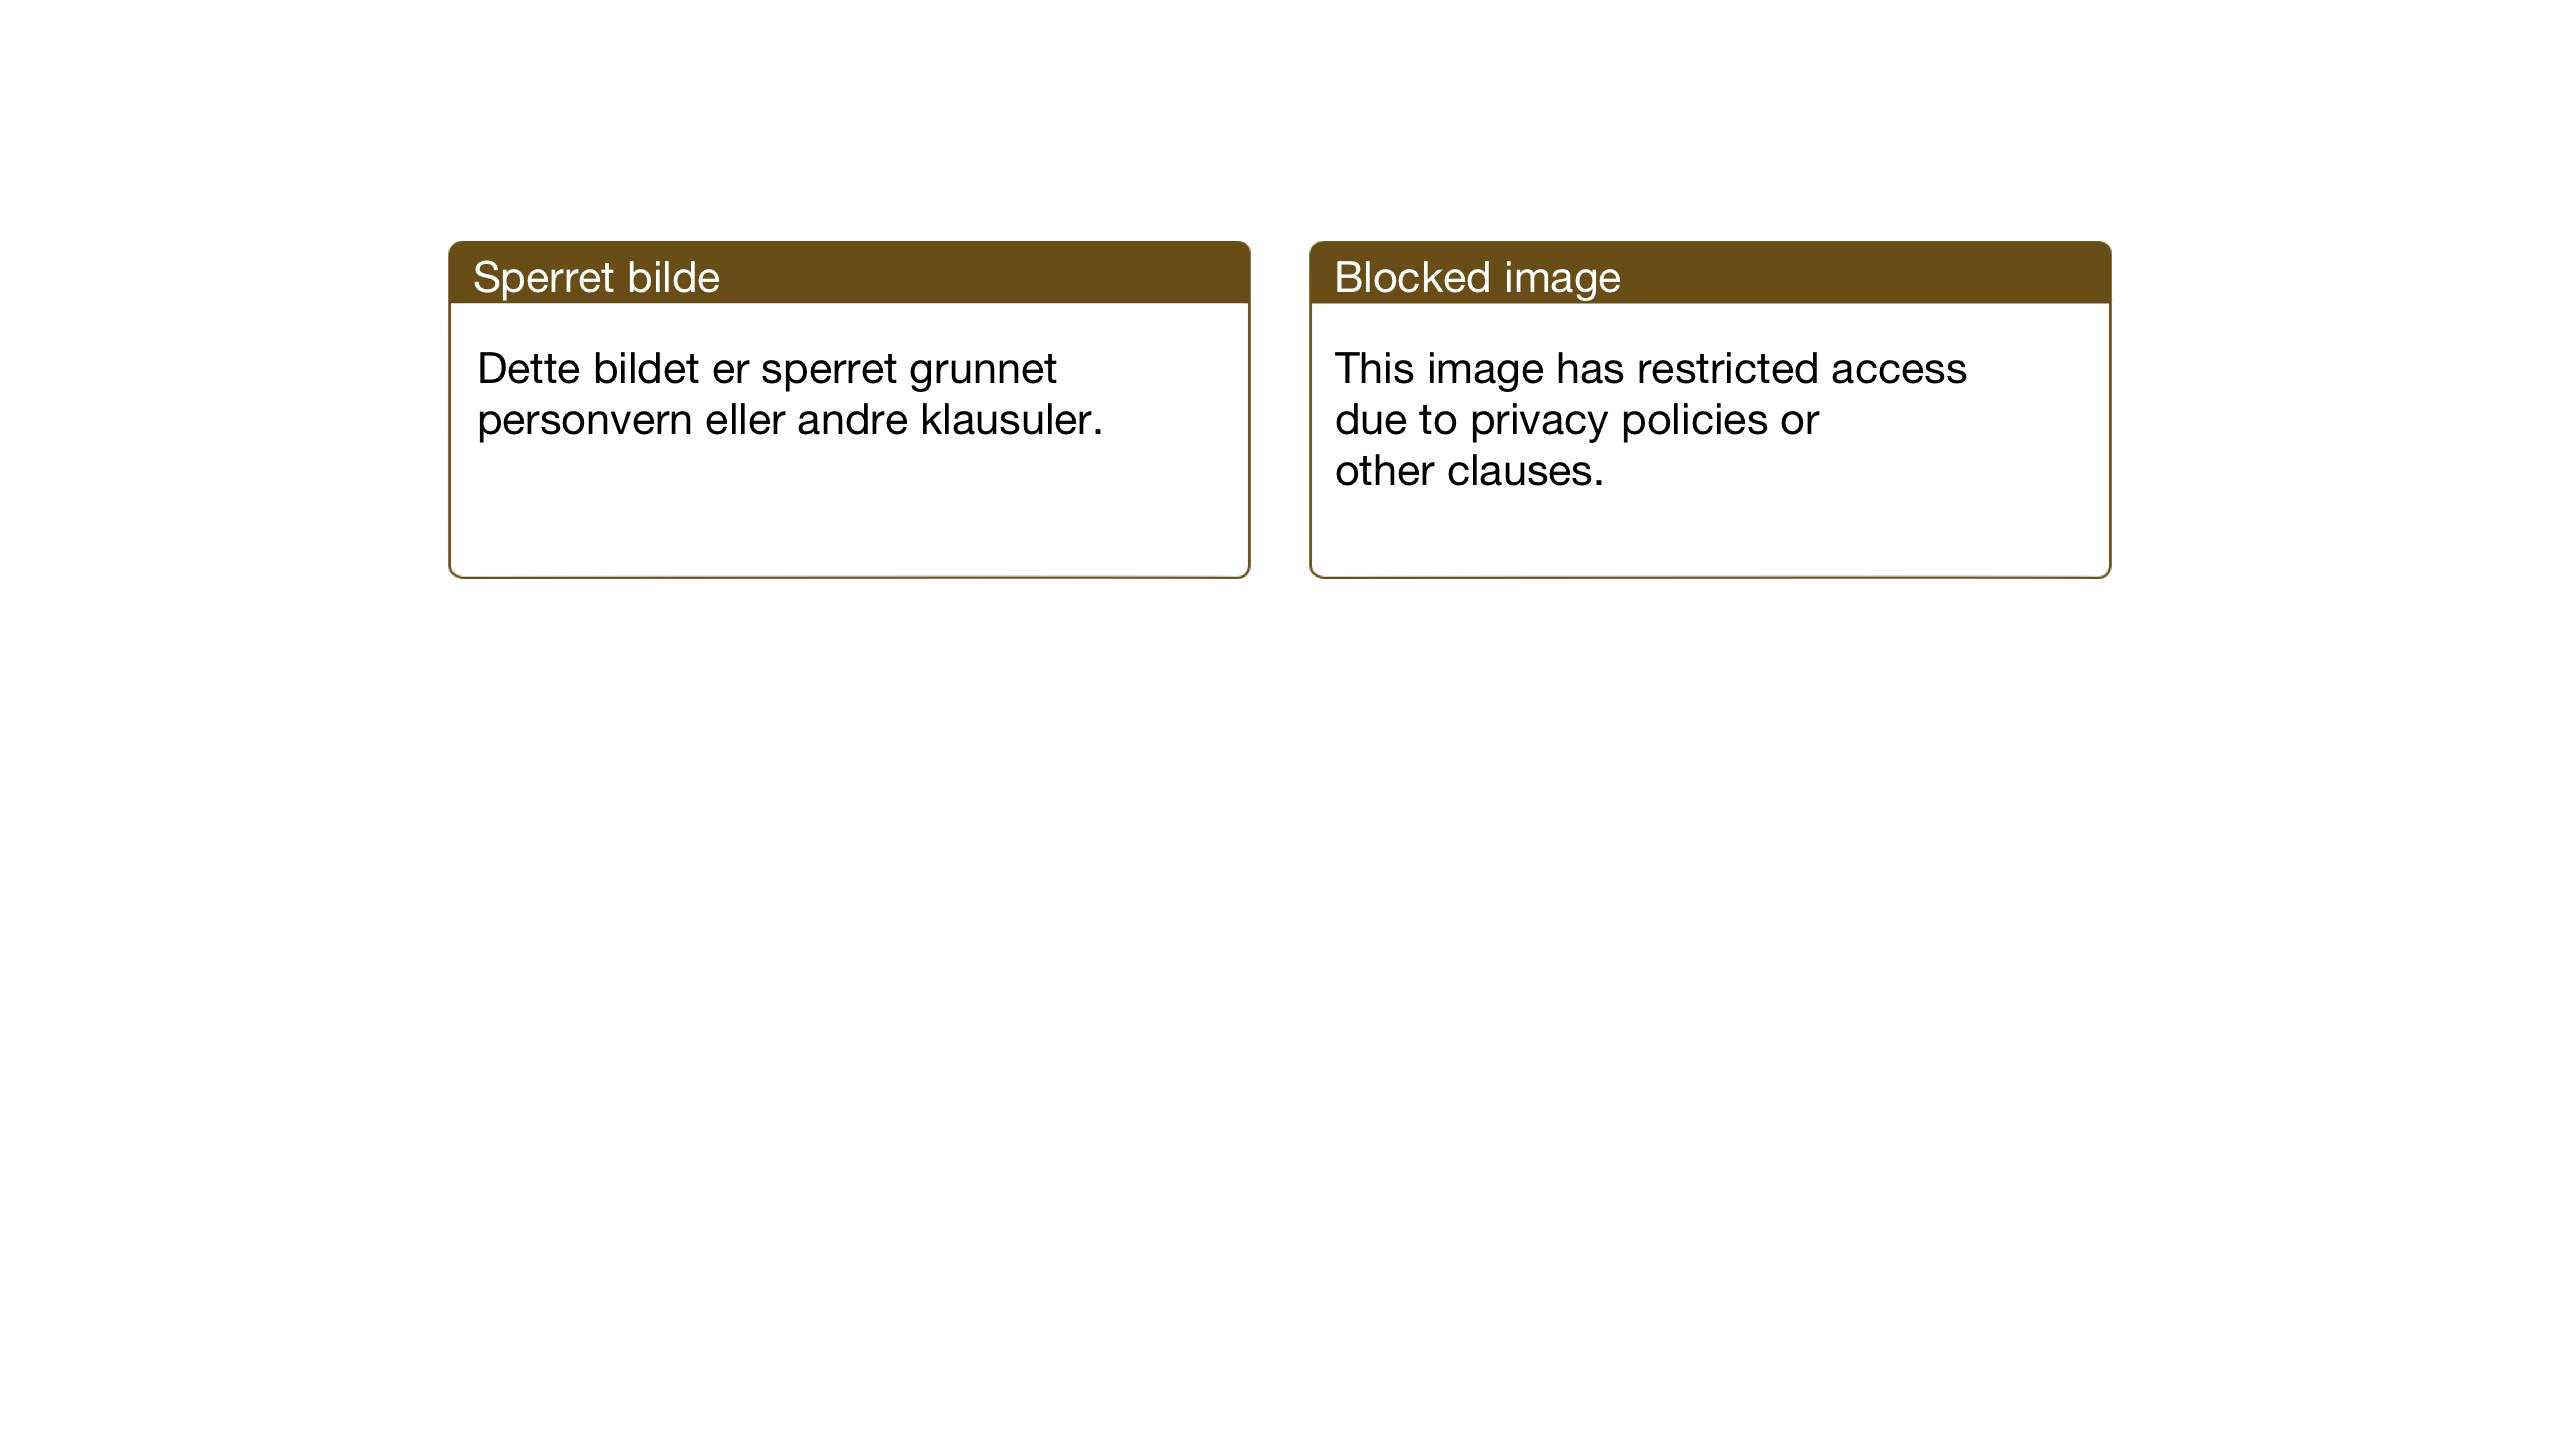 SAT, Ministerialprotokoller, klokkerbøker og fødselsregistre - Nord-Trøndelag, 786/L0689: Klokkerbok nr. 786C01, 1940-1948, s. 228-229